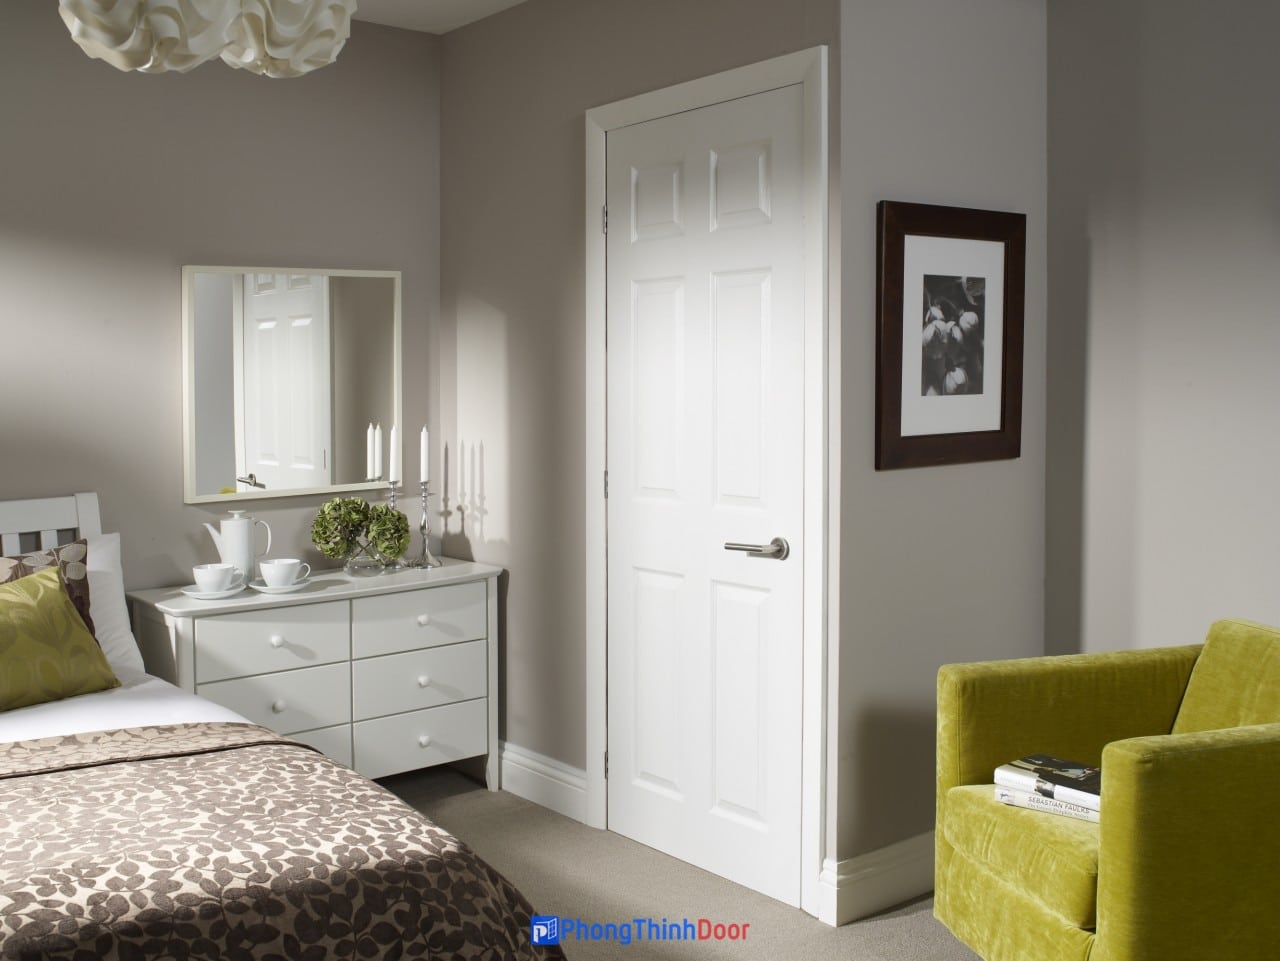 Cửa gỗ HDF sơn trắng đẹp